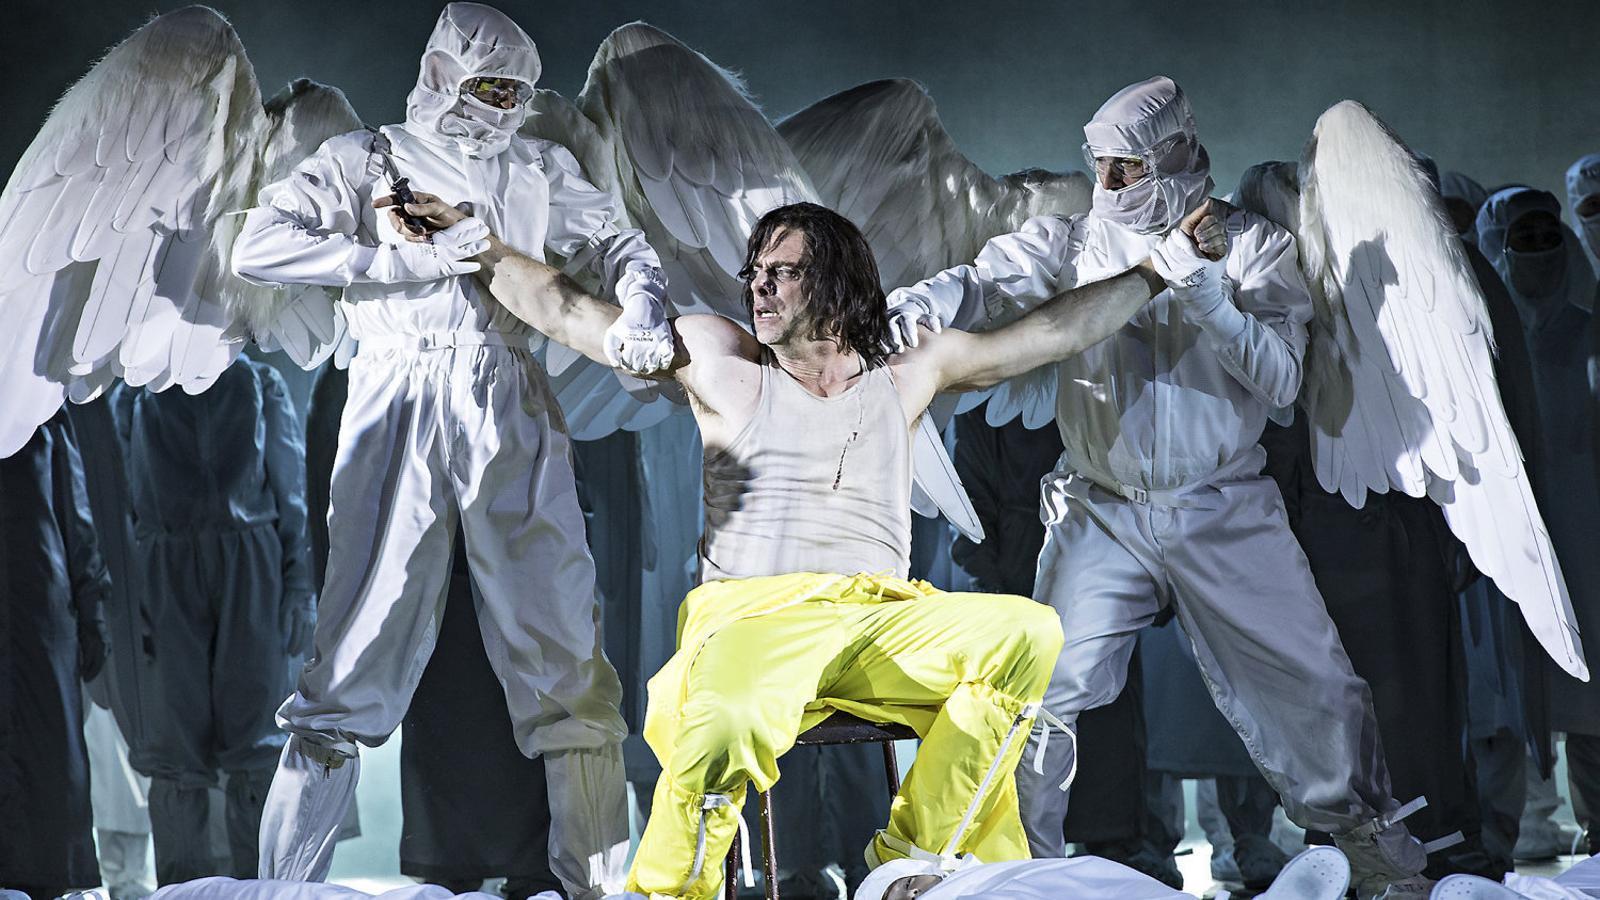 Els àngels arrenquen el cor a Mefistofele.